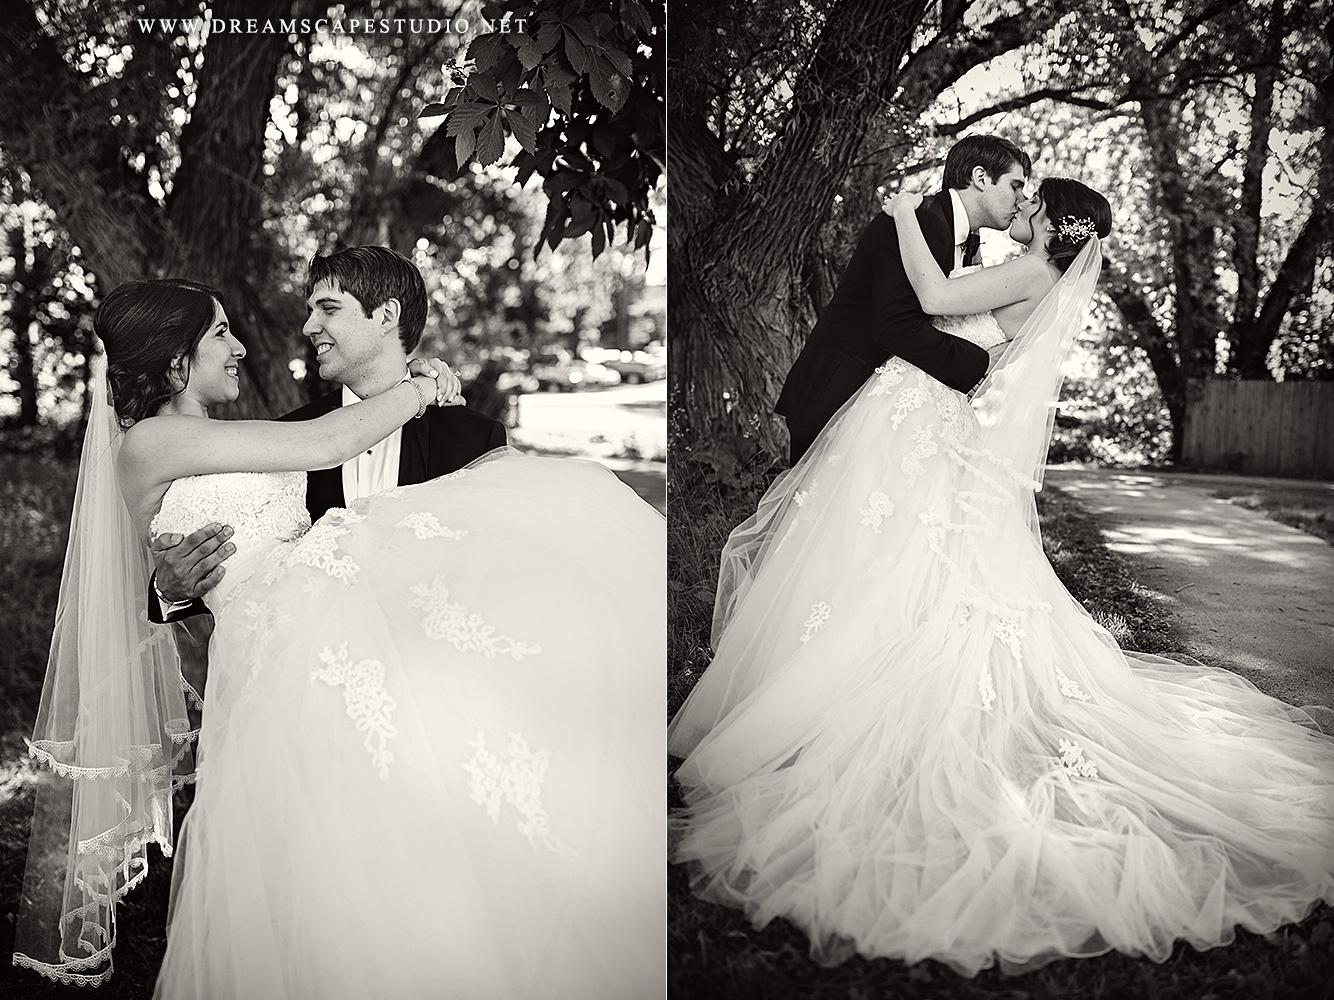 NY_Wedding_Photographer_JeRy_20.jpg